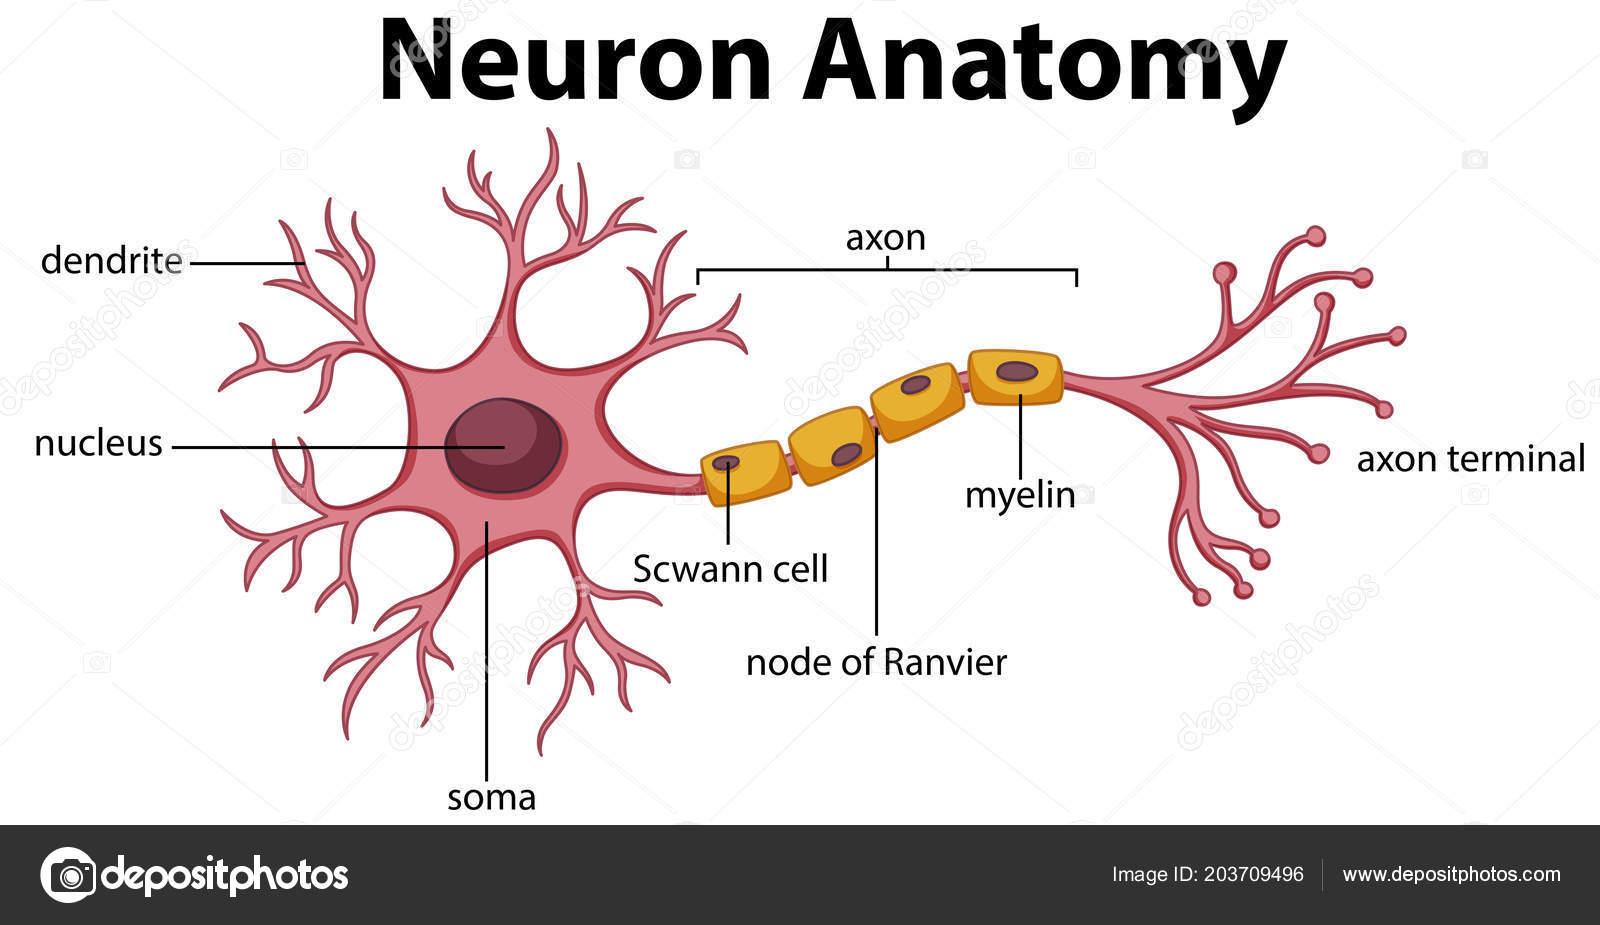 Diagram neuron anatomy illustration vetores de stock diagram neuron anatomy illustration vetores de stock ccuart Images